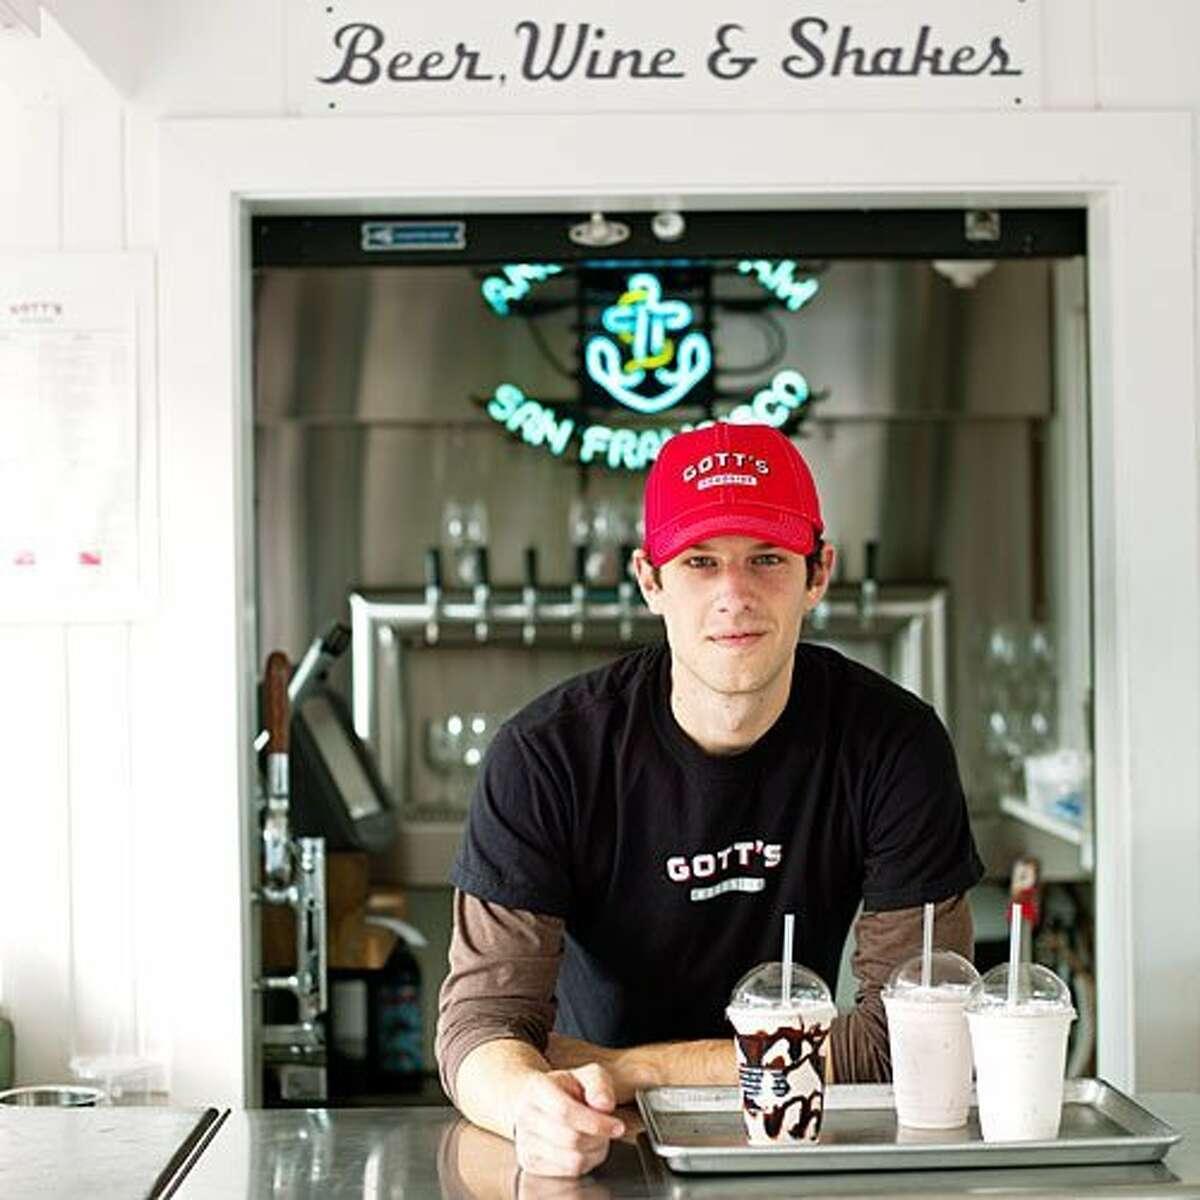 Take time to splurge on an extra-large espresso bean milkshake at Gott's Roadside in St. Helena, CA.